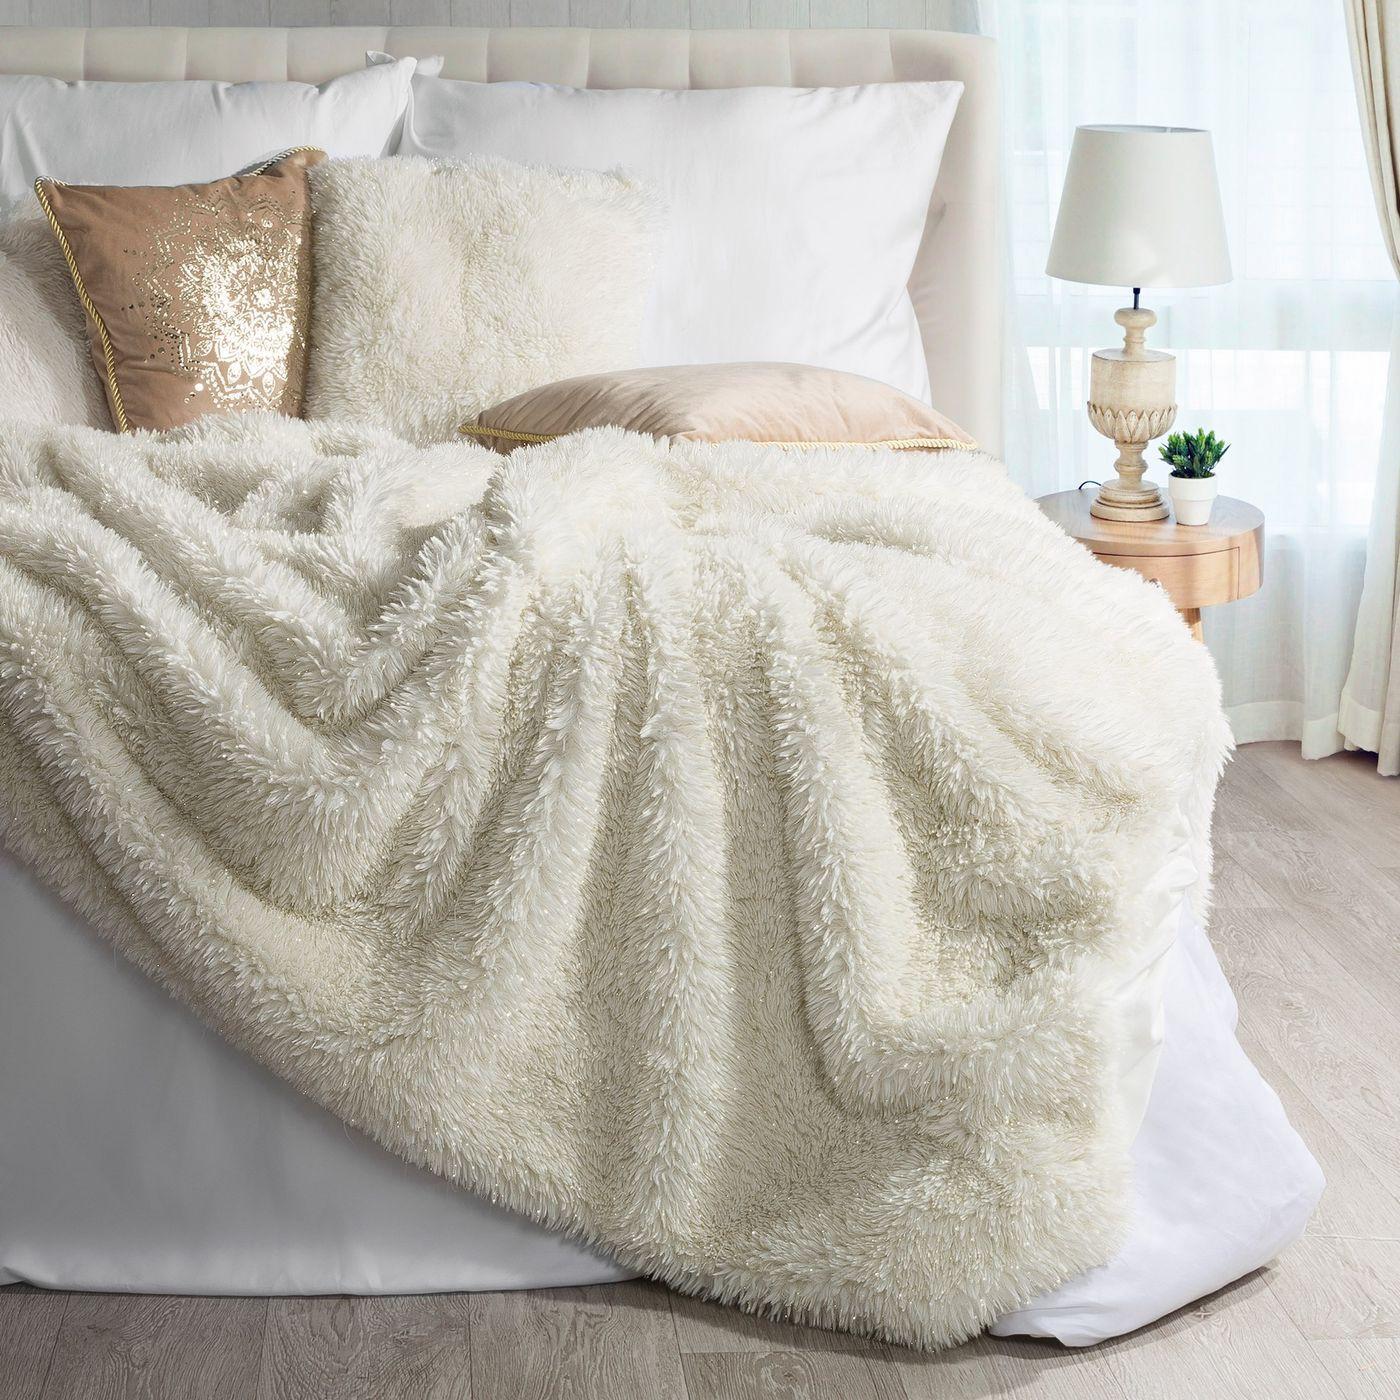 Narzuta na łóżko puszyste futerko 150x200 cm kremowa